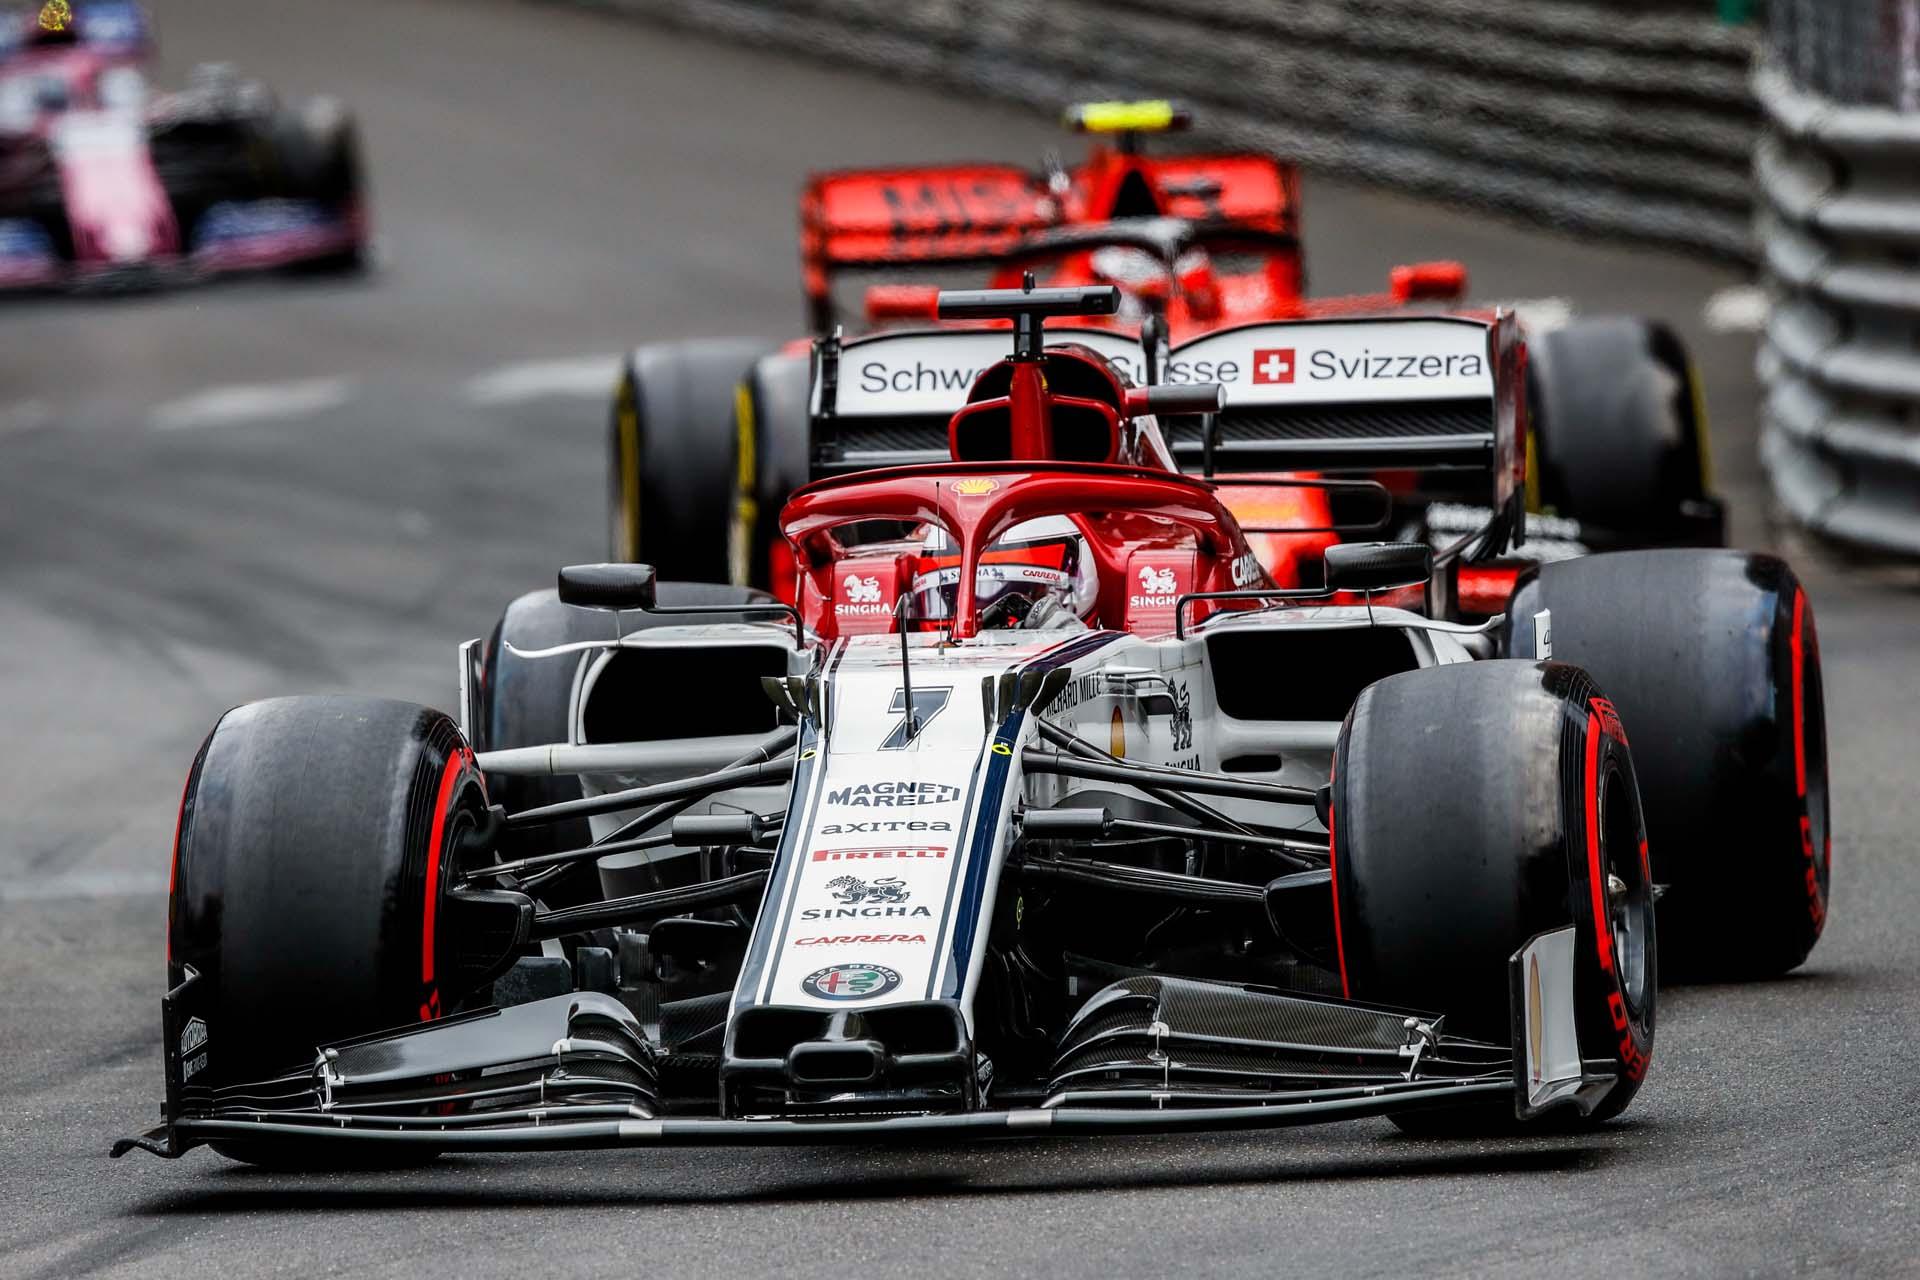 F1 - MONACO GRAND PRIX - 2019 - RACE